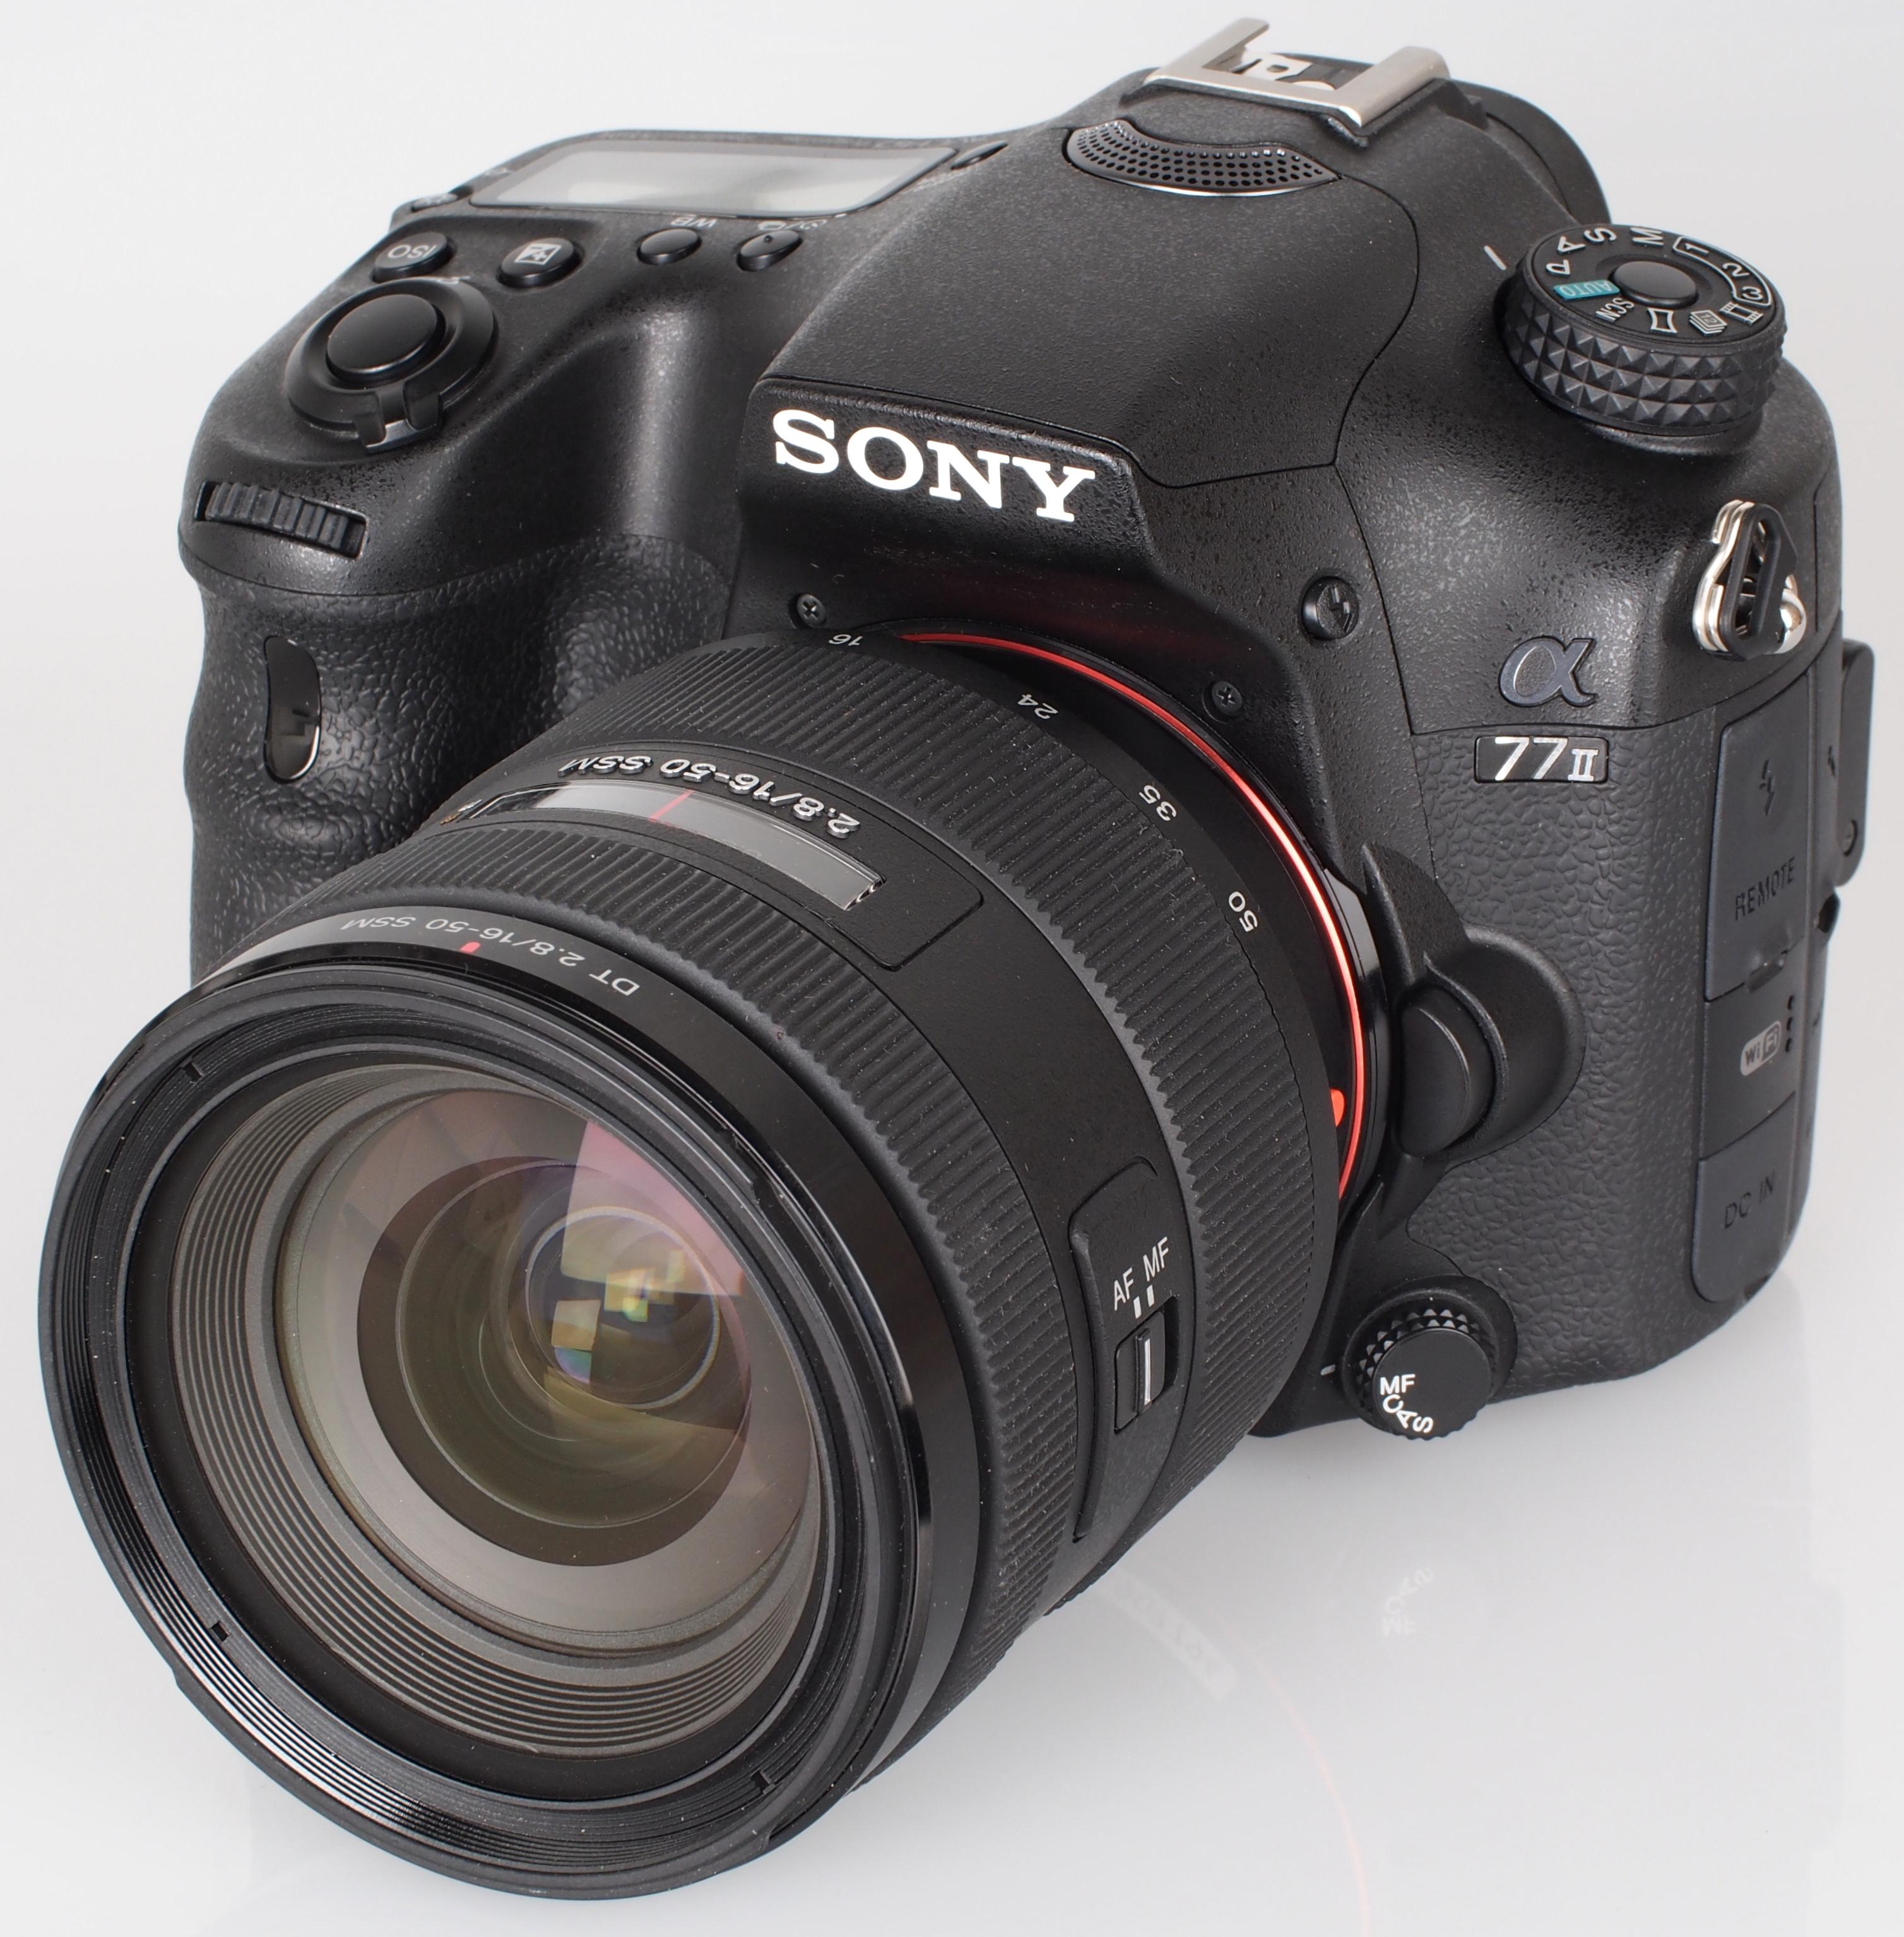 Camera Sony Dslr Cameras Reviews sony alpha a77 ii slt dslr review 4